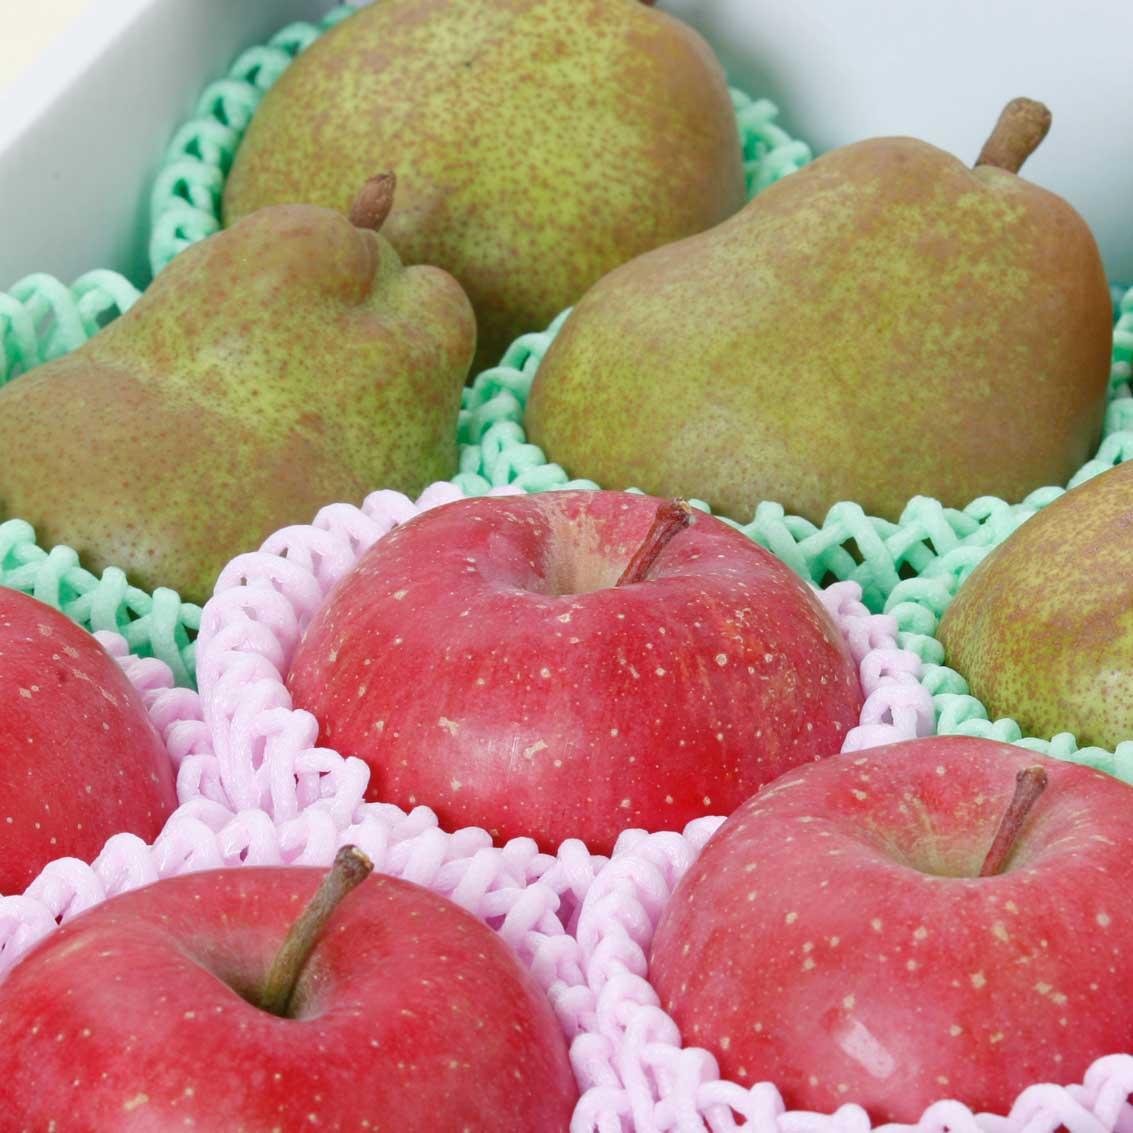 旬の味覚 冬の果物詰め合わせ 約3kg【ギフト、お祝い、贈答用、送料無料】